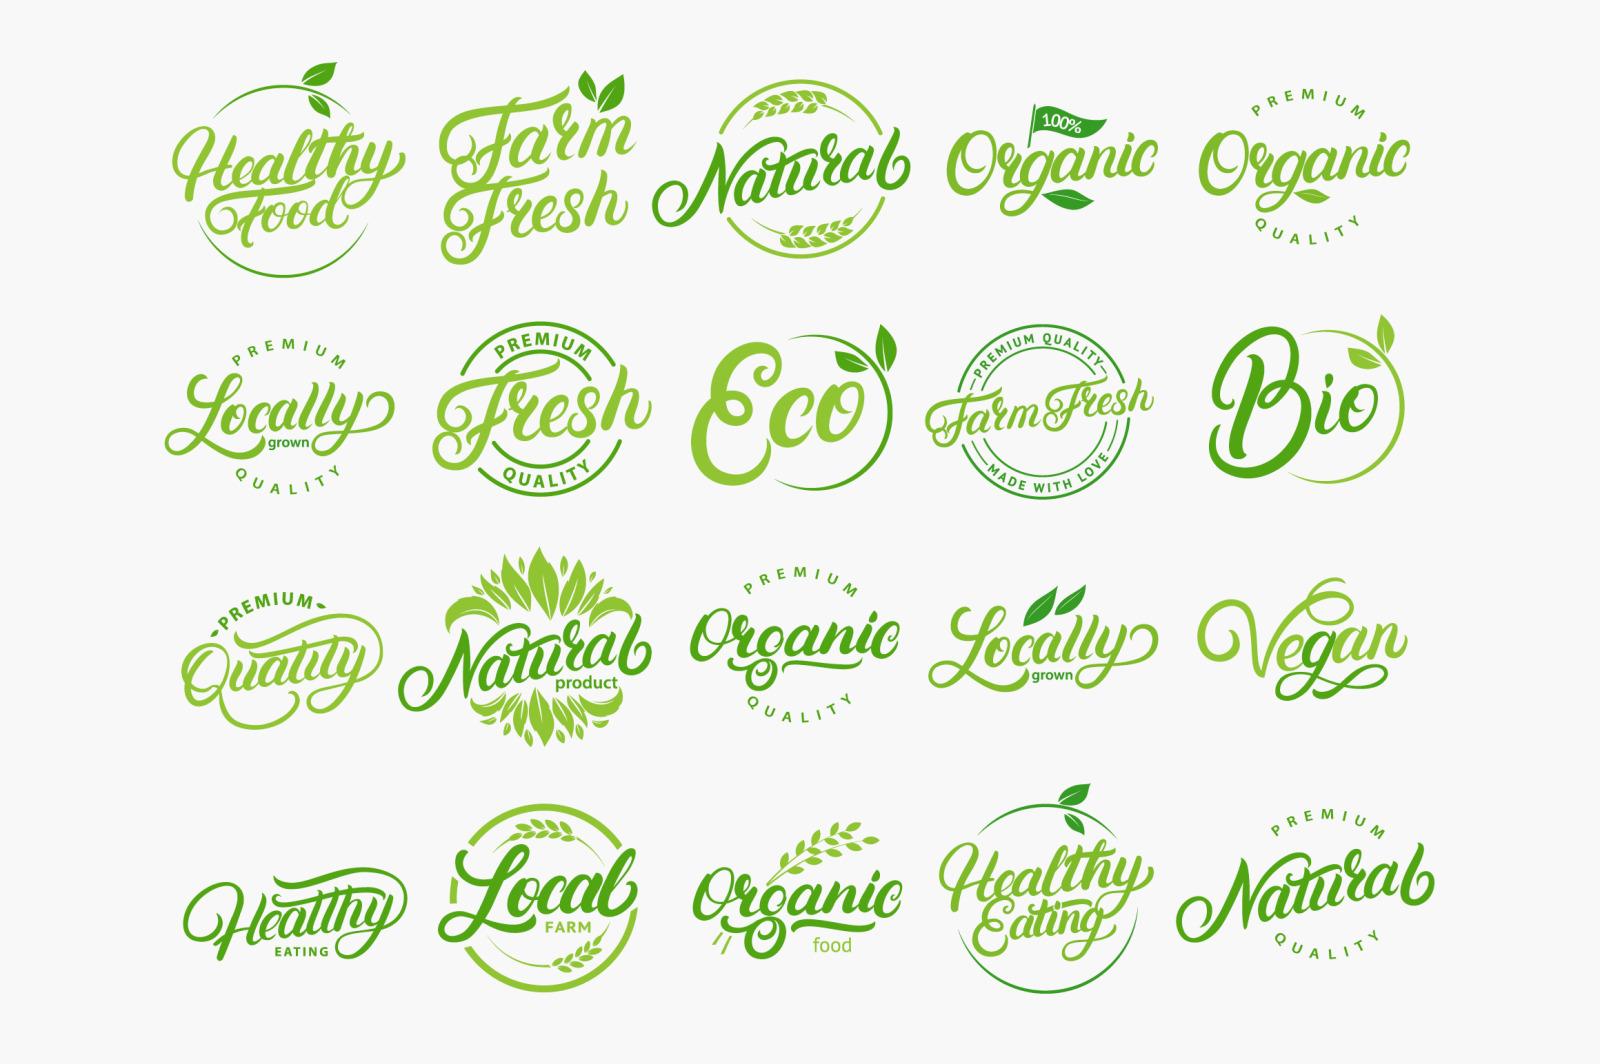 20 Organic and Natural Logos